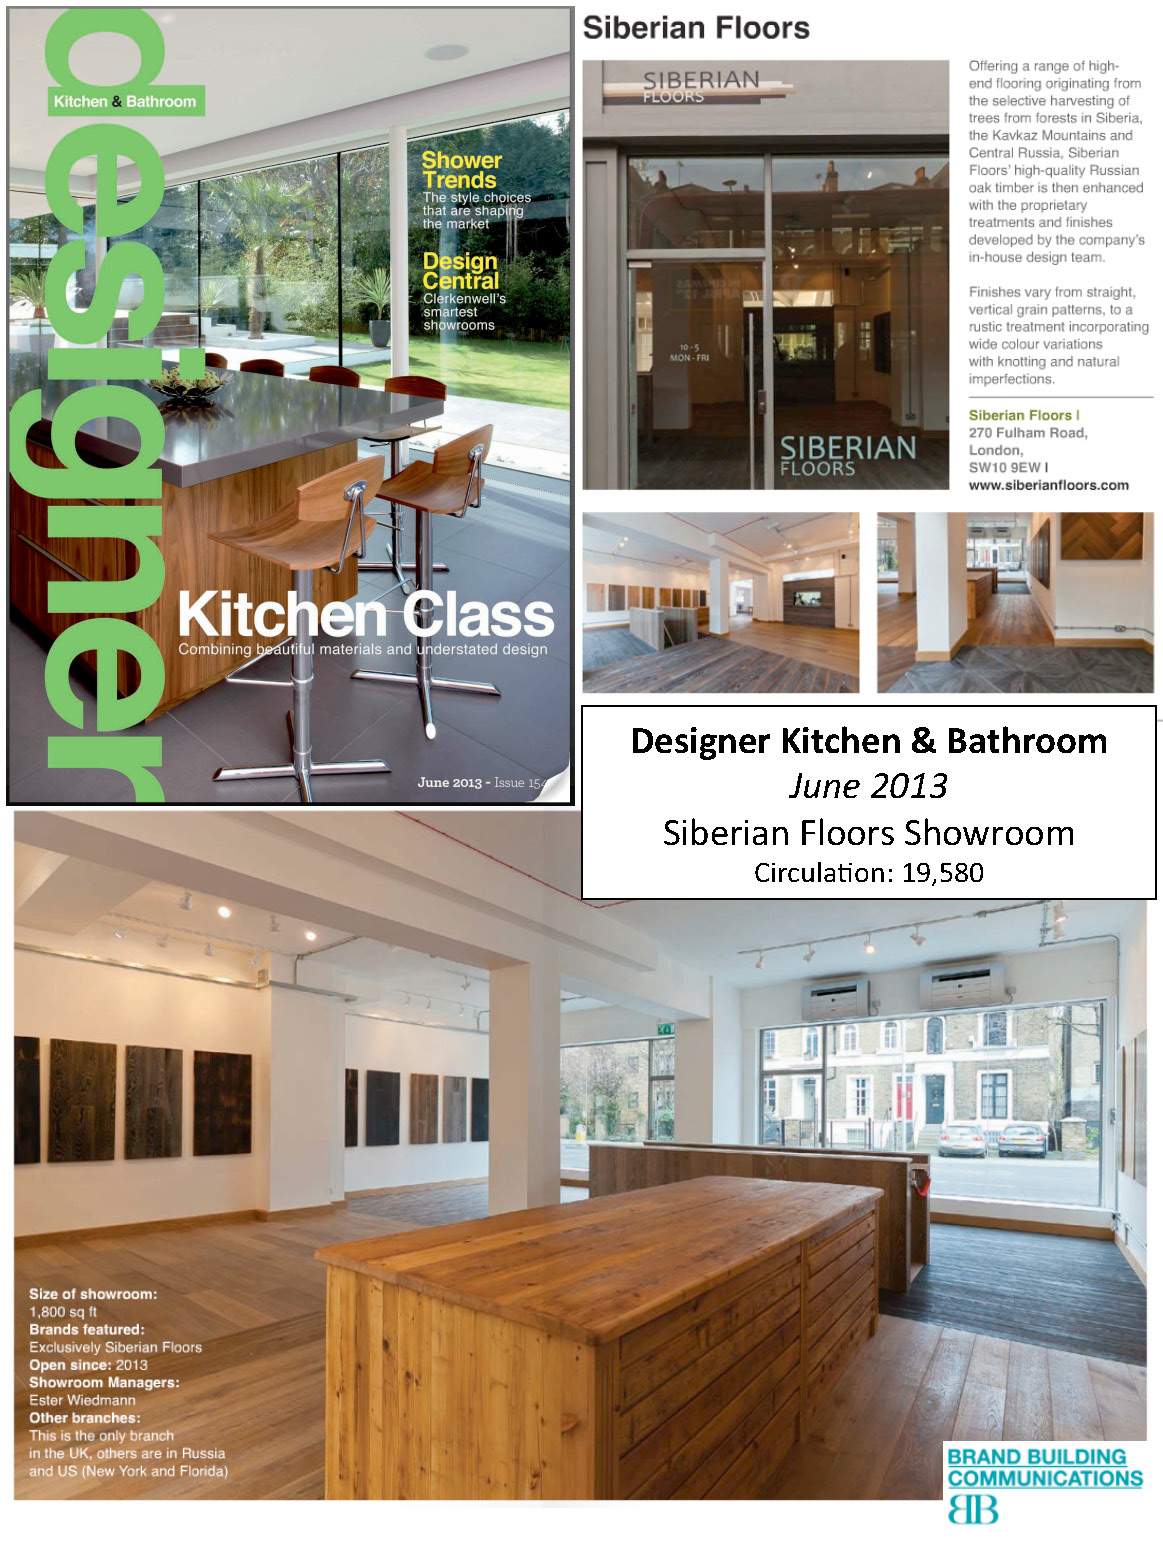 SF_Designer Kitchen _ Bathroom_June13_BBC.jpg